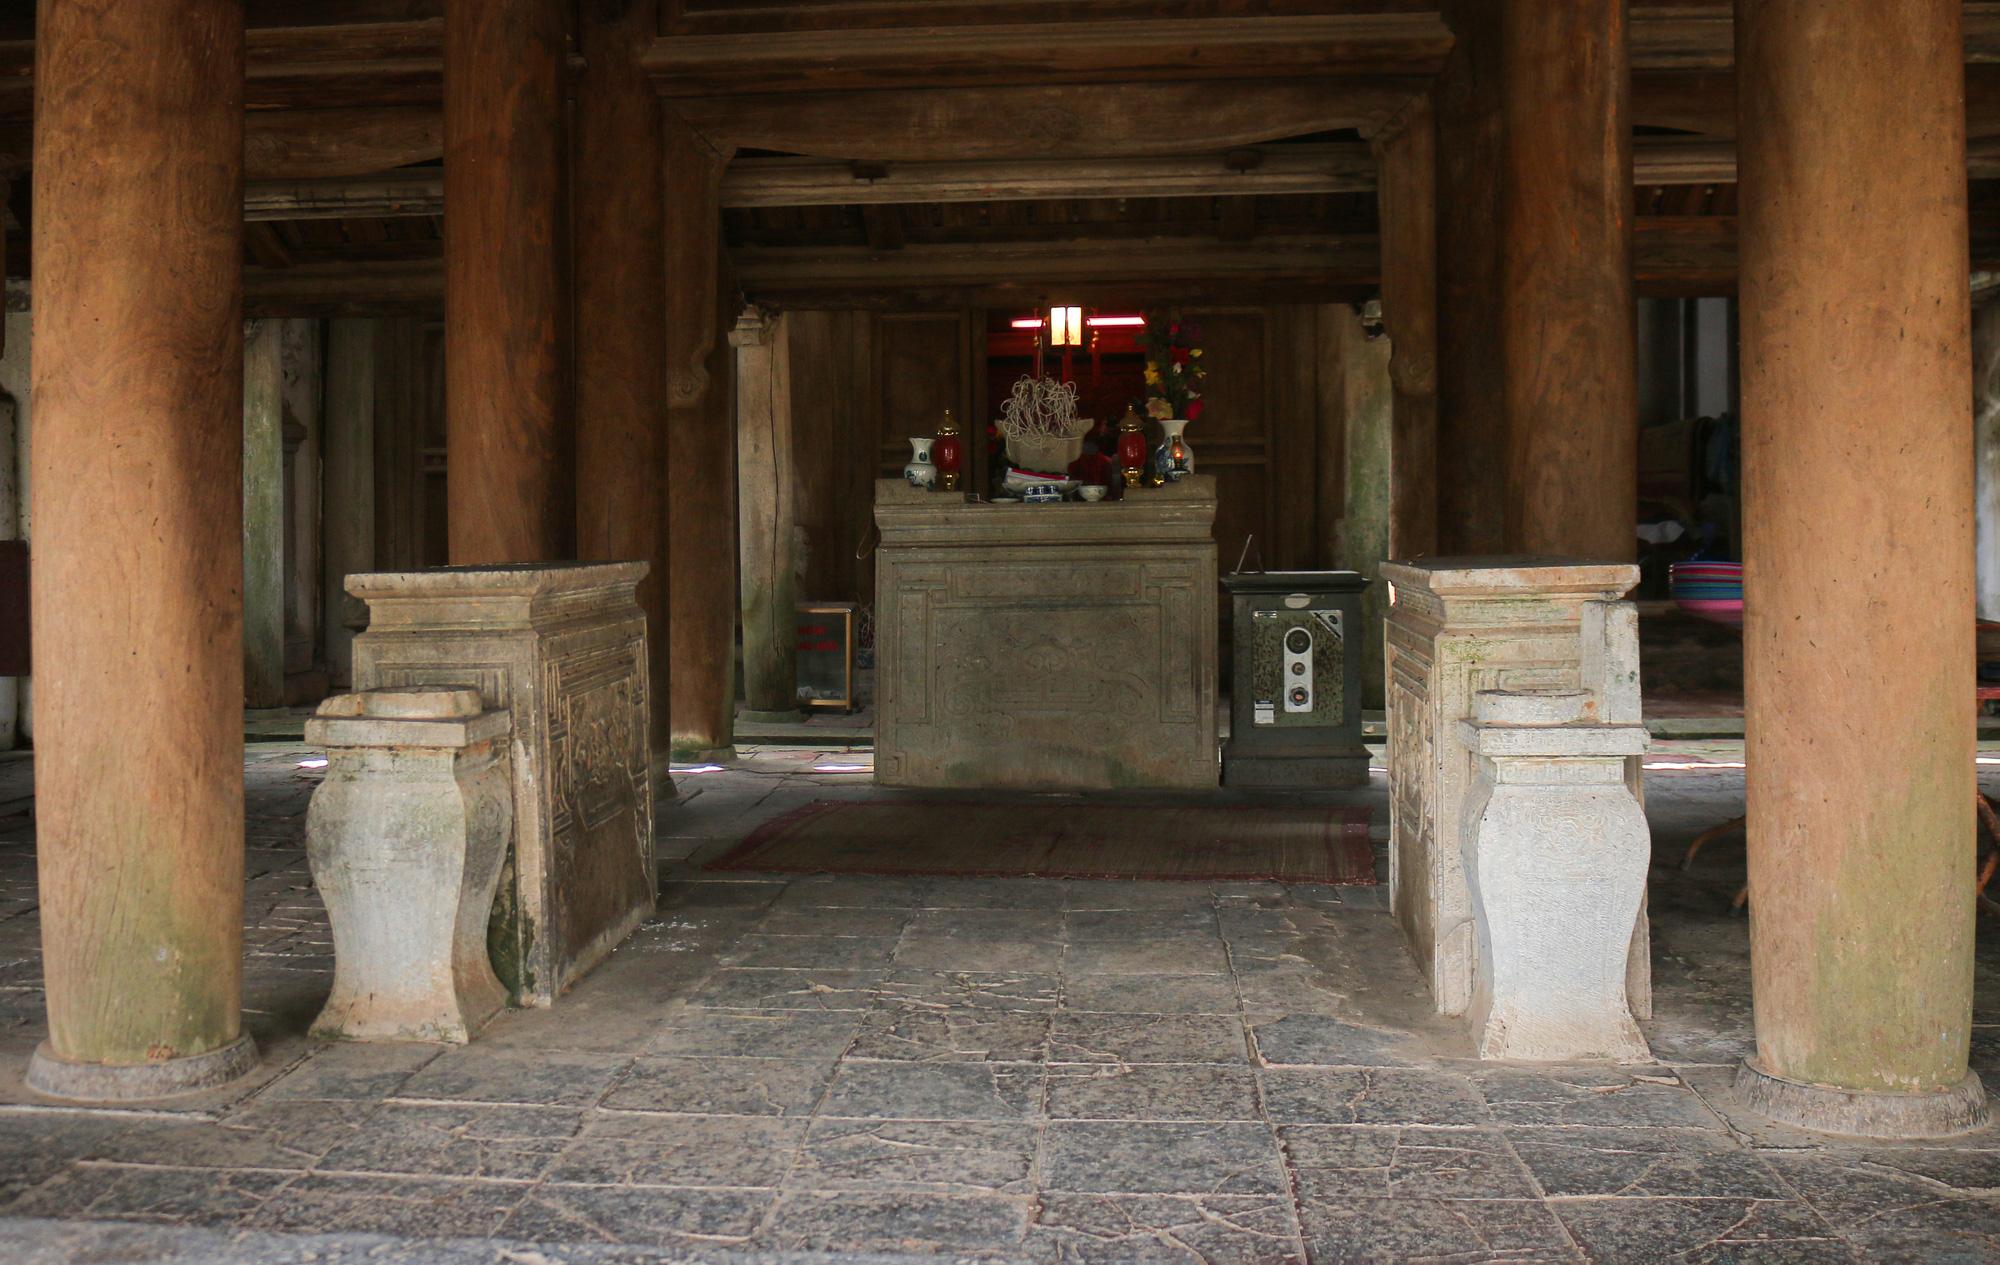 Đền đá Phú Đa: Nét kiến trúc độc đáo tồn tại hơn 300 năm lịch sử - Ảnh 7.